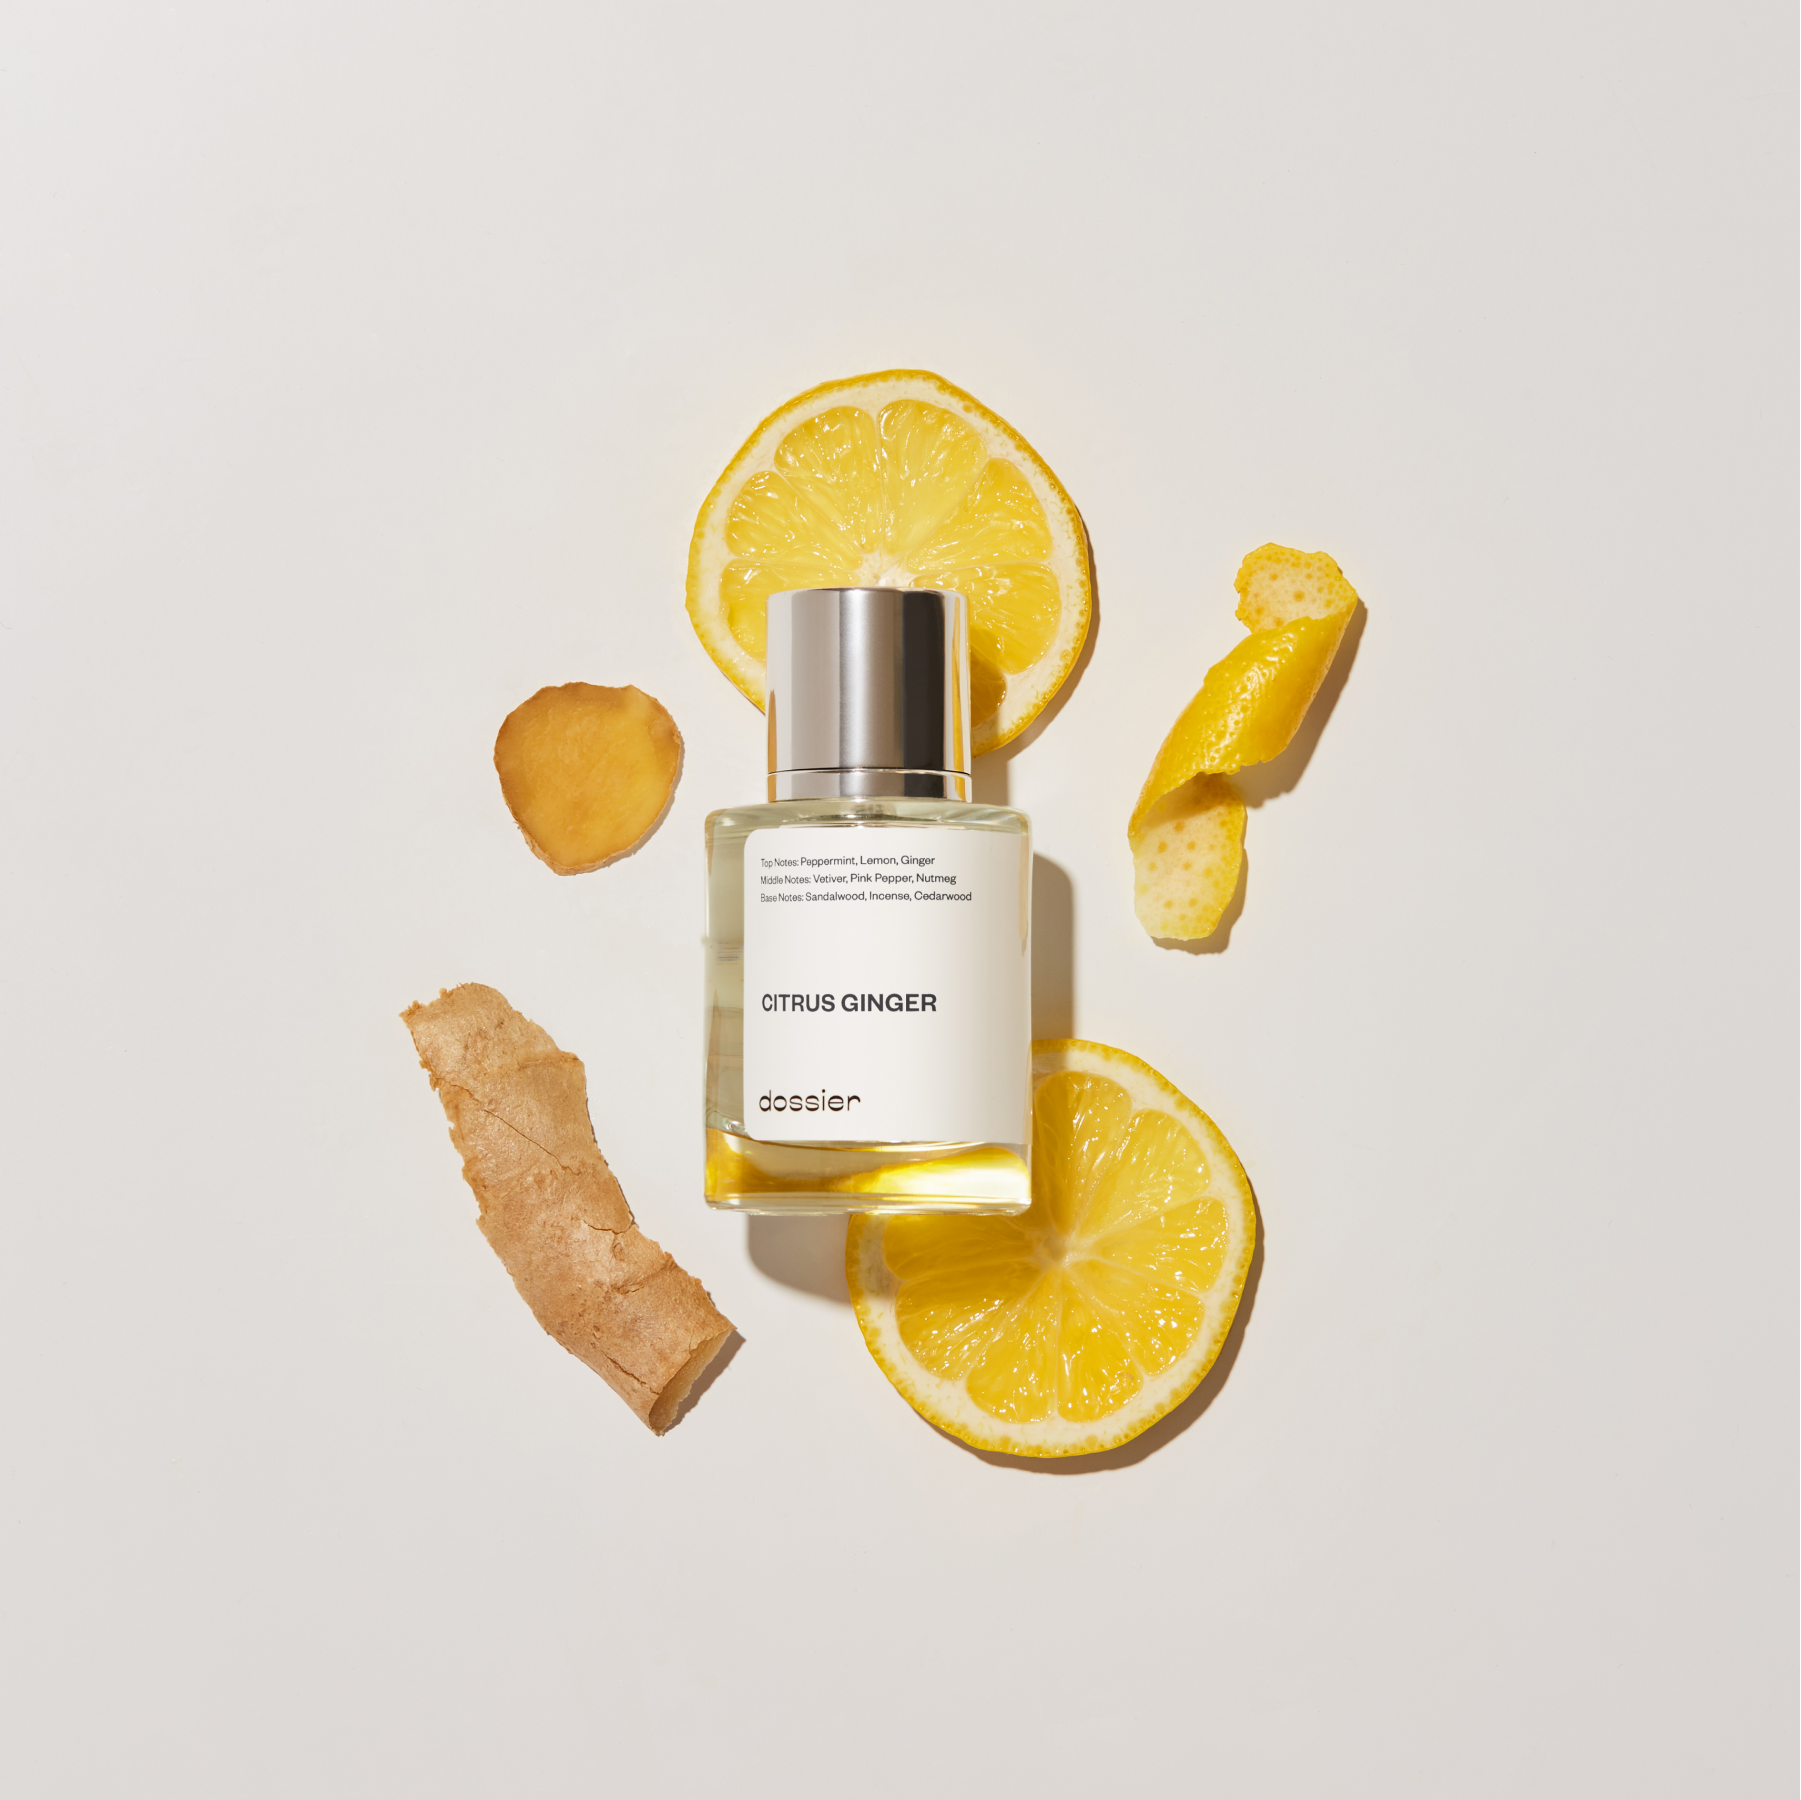 Dossier citrus ginger perfume